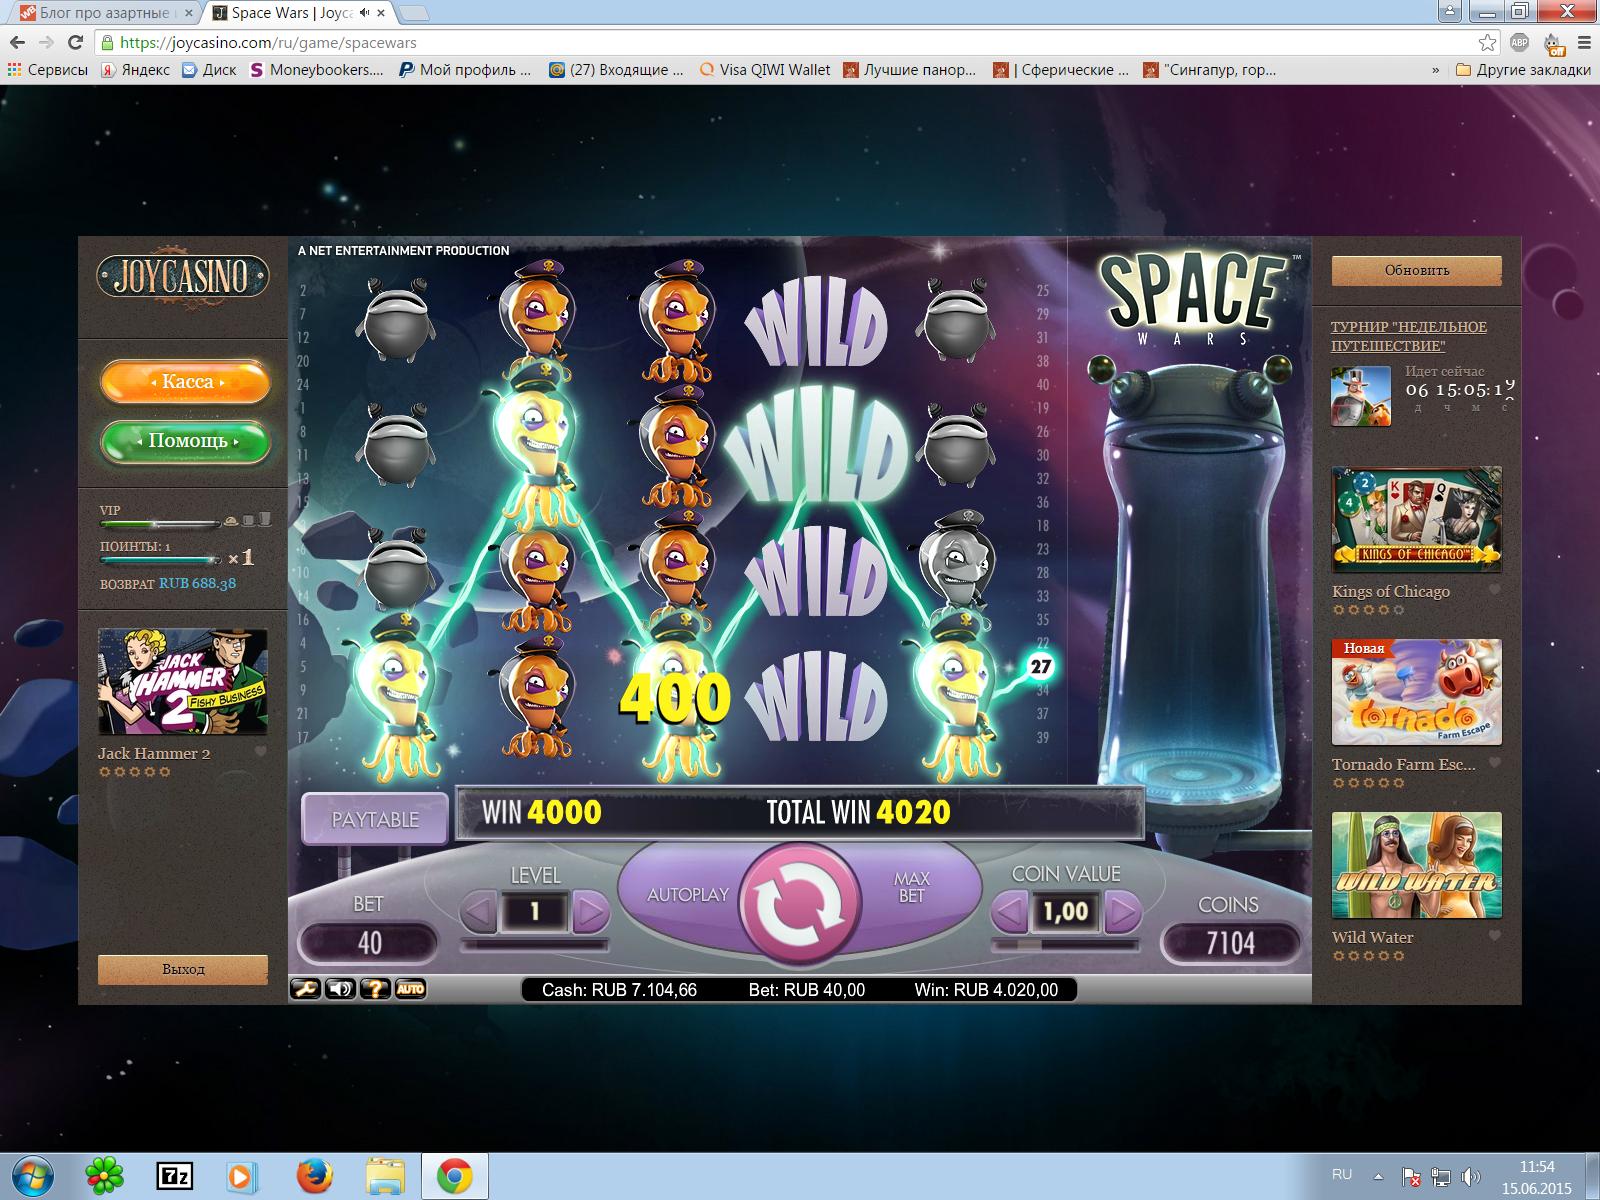 Интернет казино онлайн автоматы играть бесплатно карты игра в паук косынка солитер играть бесплатно на компьютер скачать